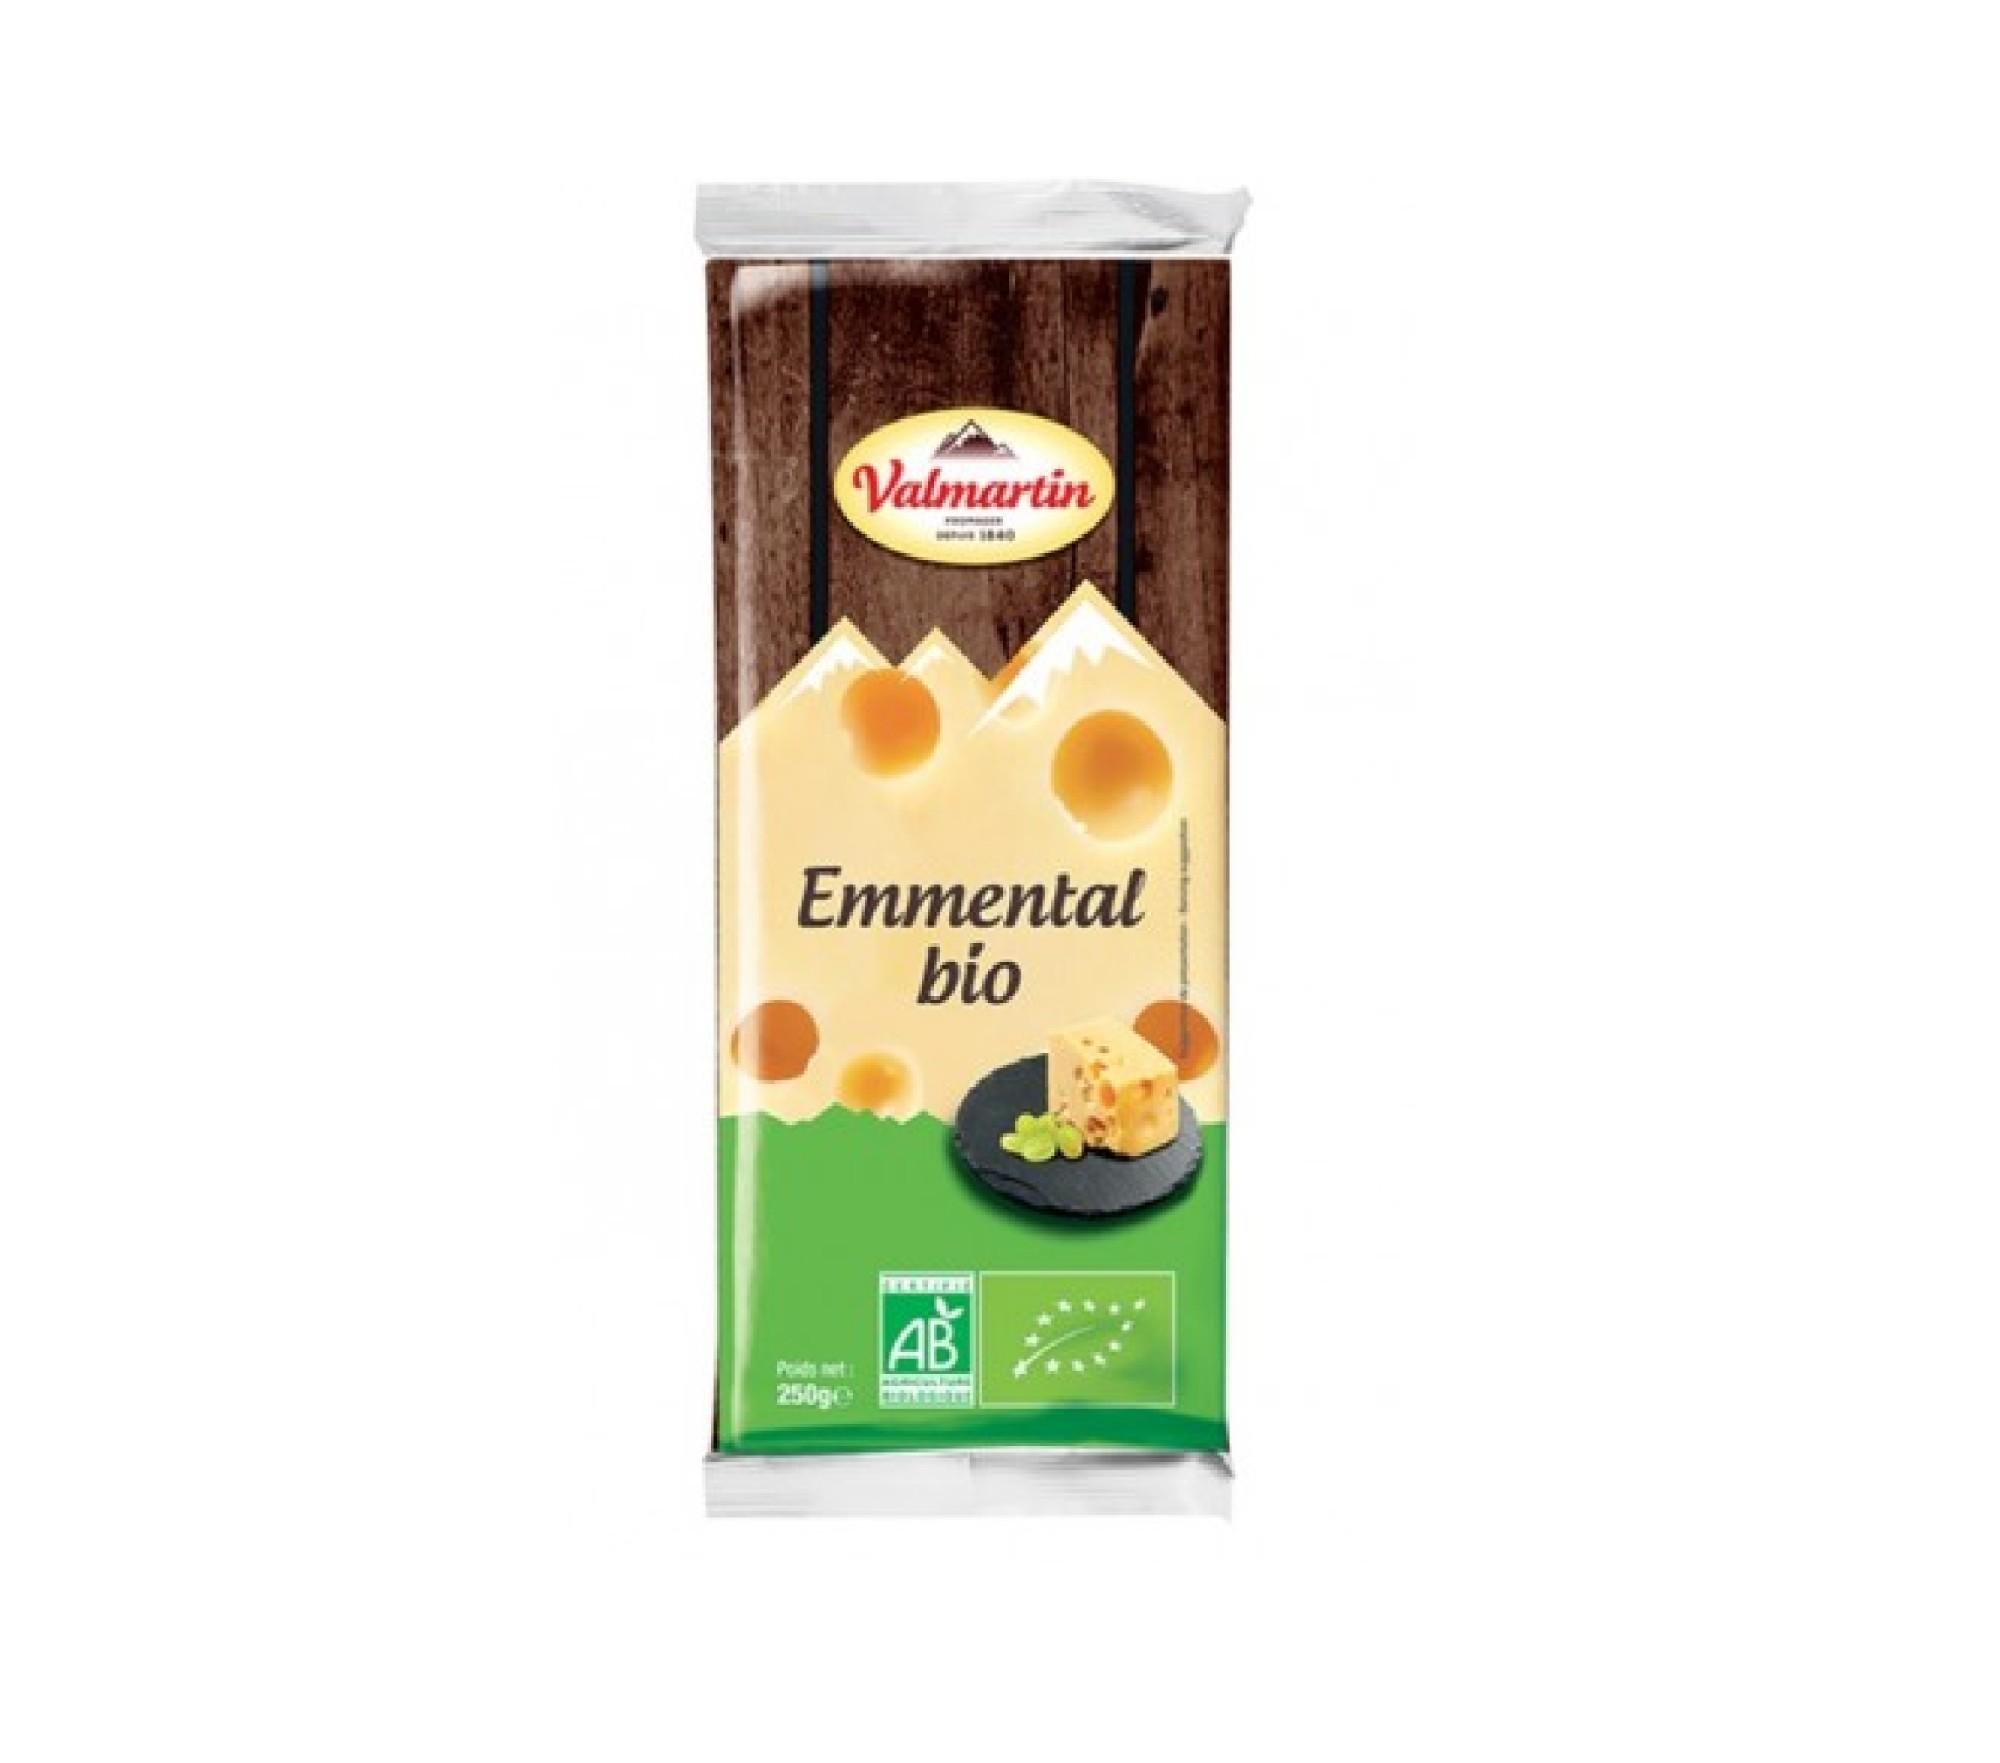 Ekologiškas Ementalio sūris 29% riebumo, 220g